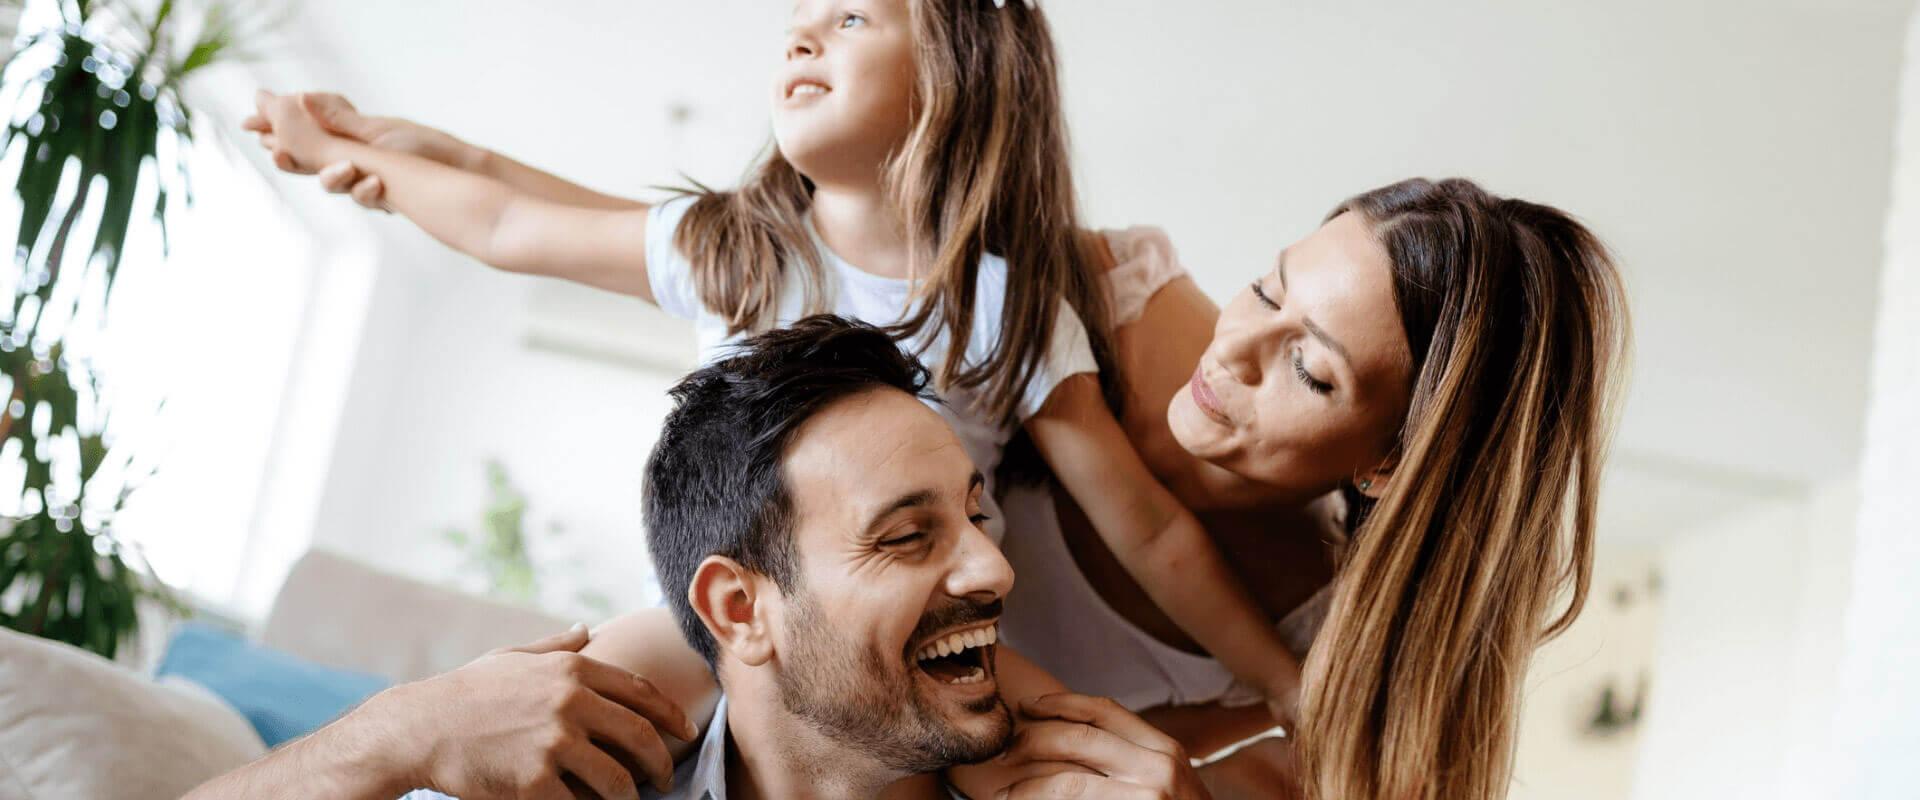 Οικογένεια χαμογελά χρησιμοποιώντας τα ακουστικά βαρηκοΐας της Cosmoear